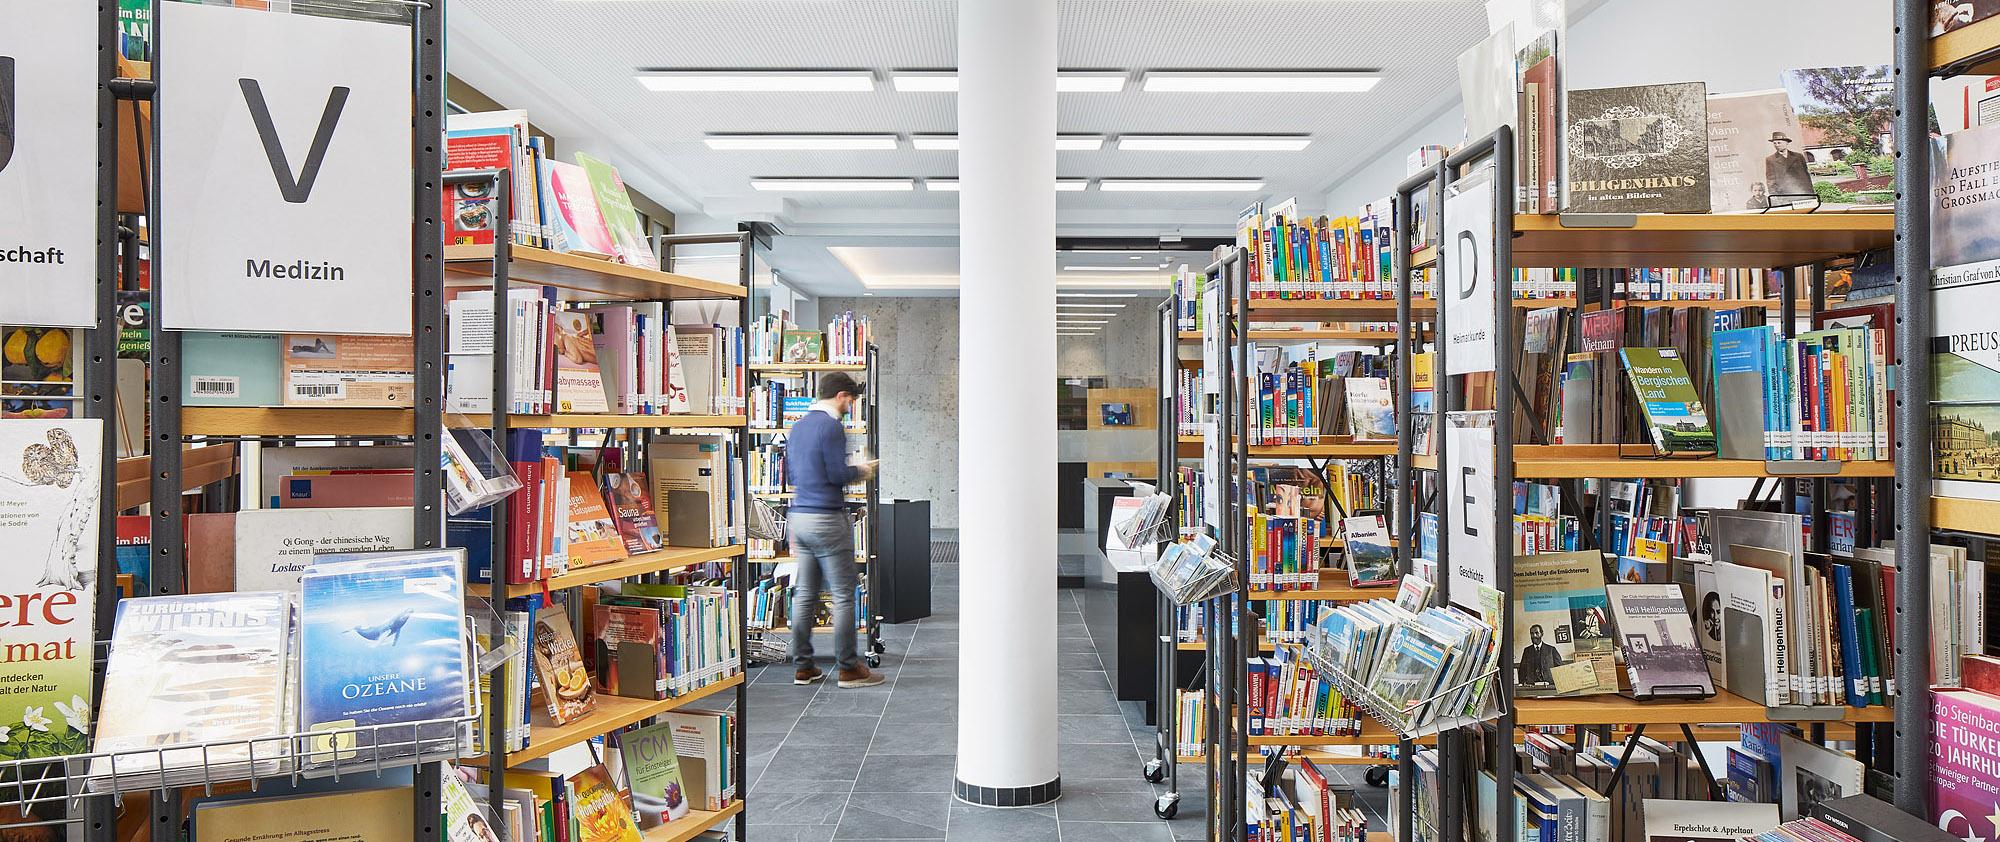 Thormählen Bildungshaus,Heiligenhaus, Stadtbibliothek Heiligenhaus. Architekturbüro Schönborn+ Hölscher